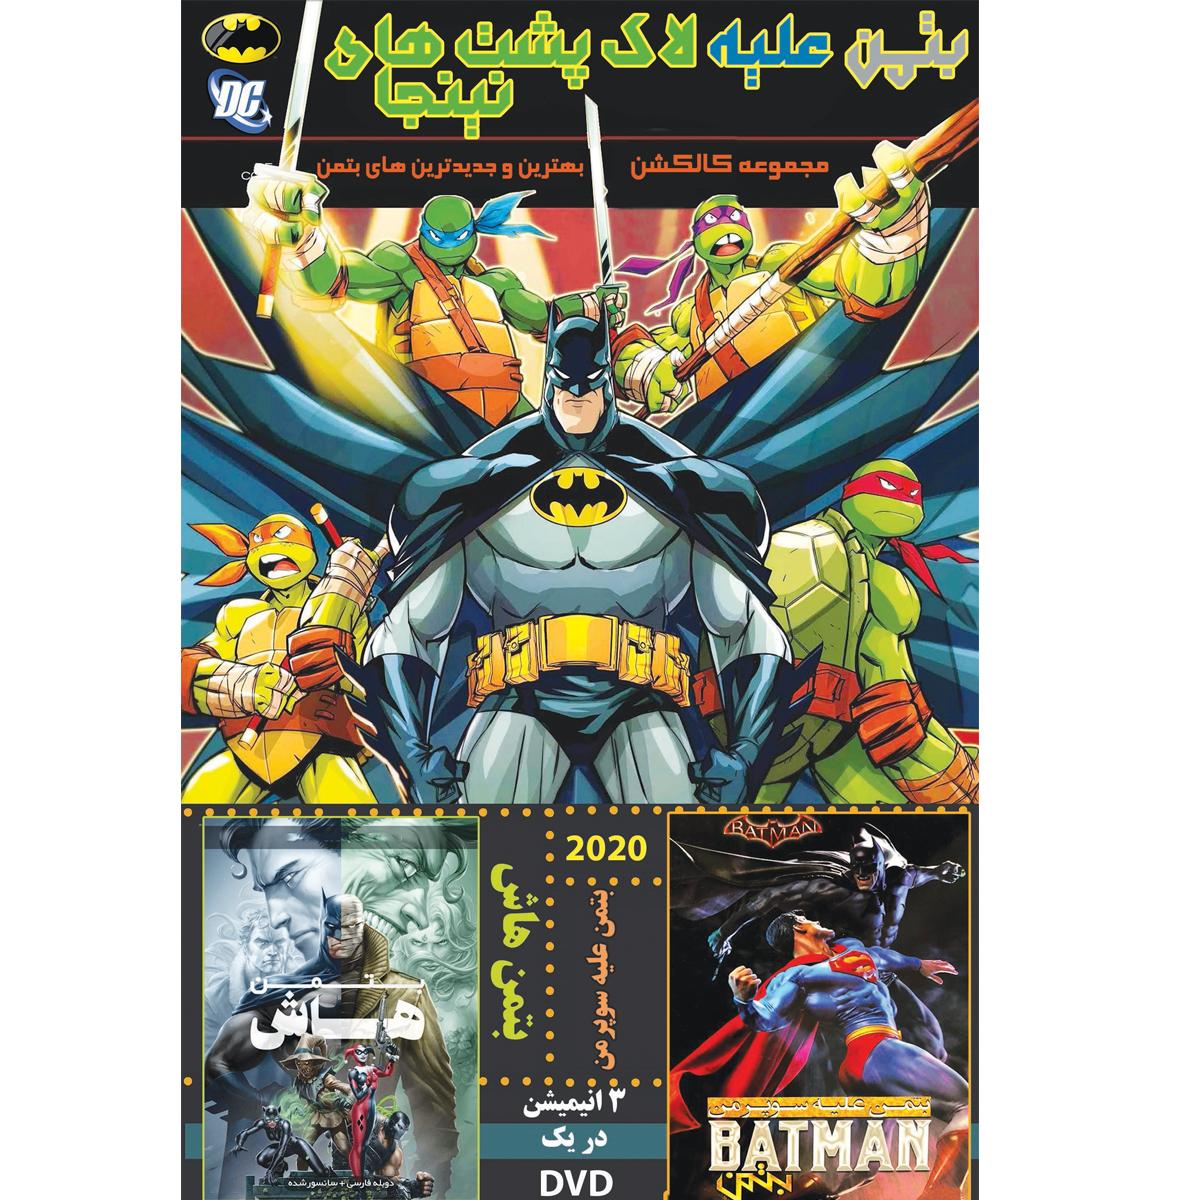 انیمیشن بتمن علیه لاک پشت های نینجا و بتمن هاش و بتمن علیه سوپرمن اثر جاستین کوپلند